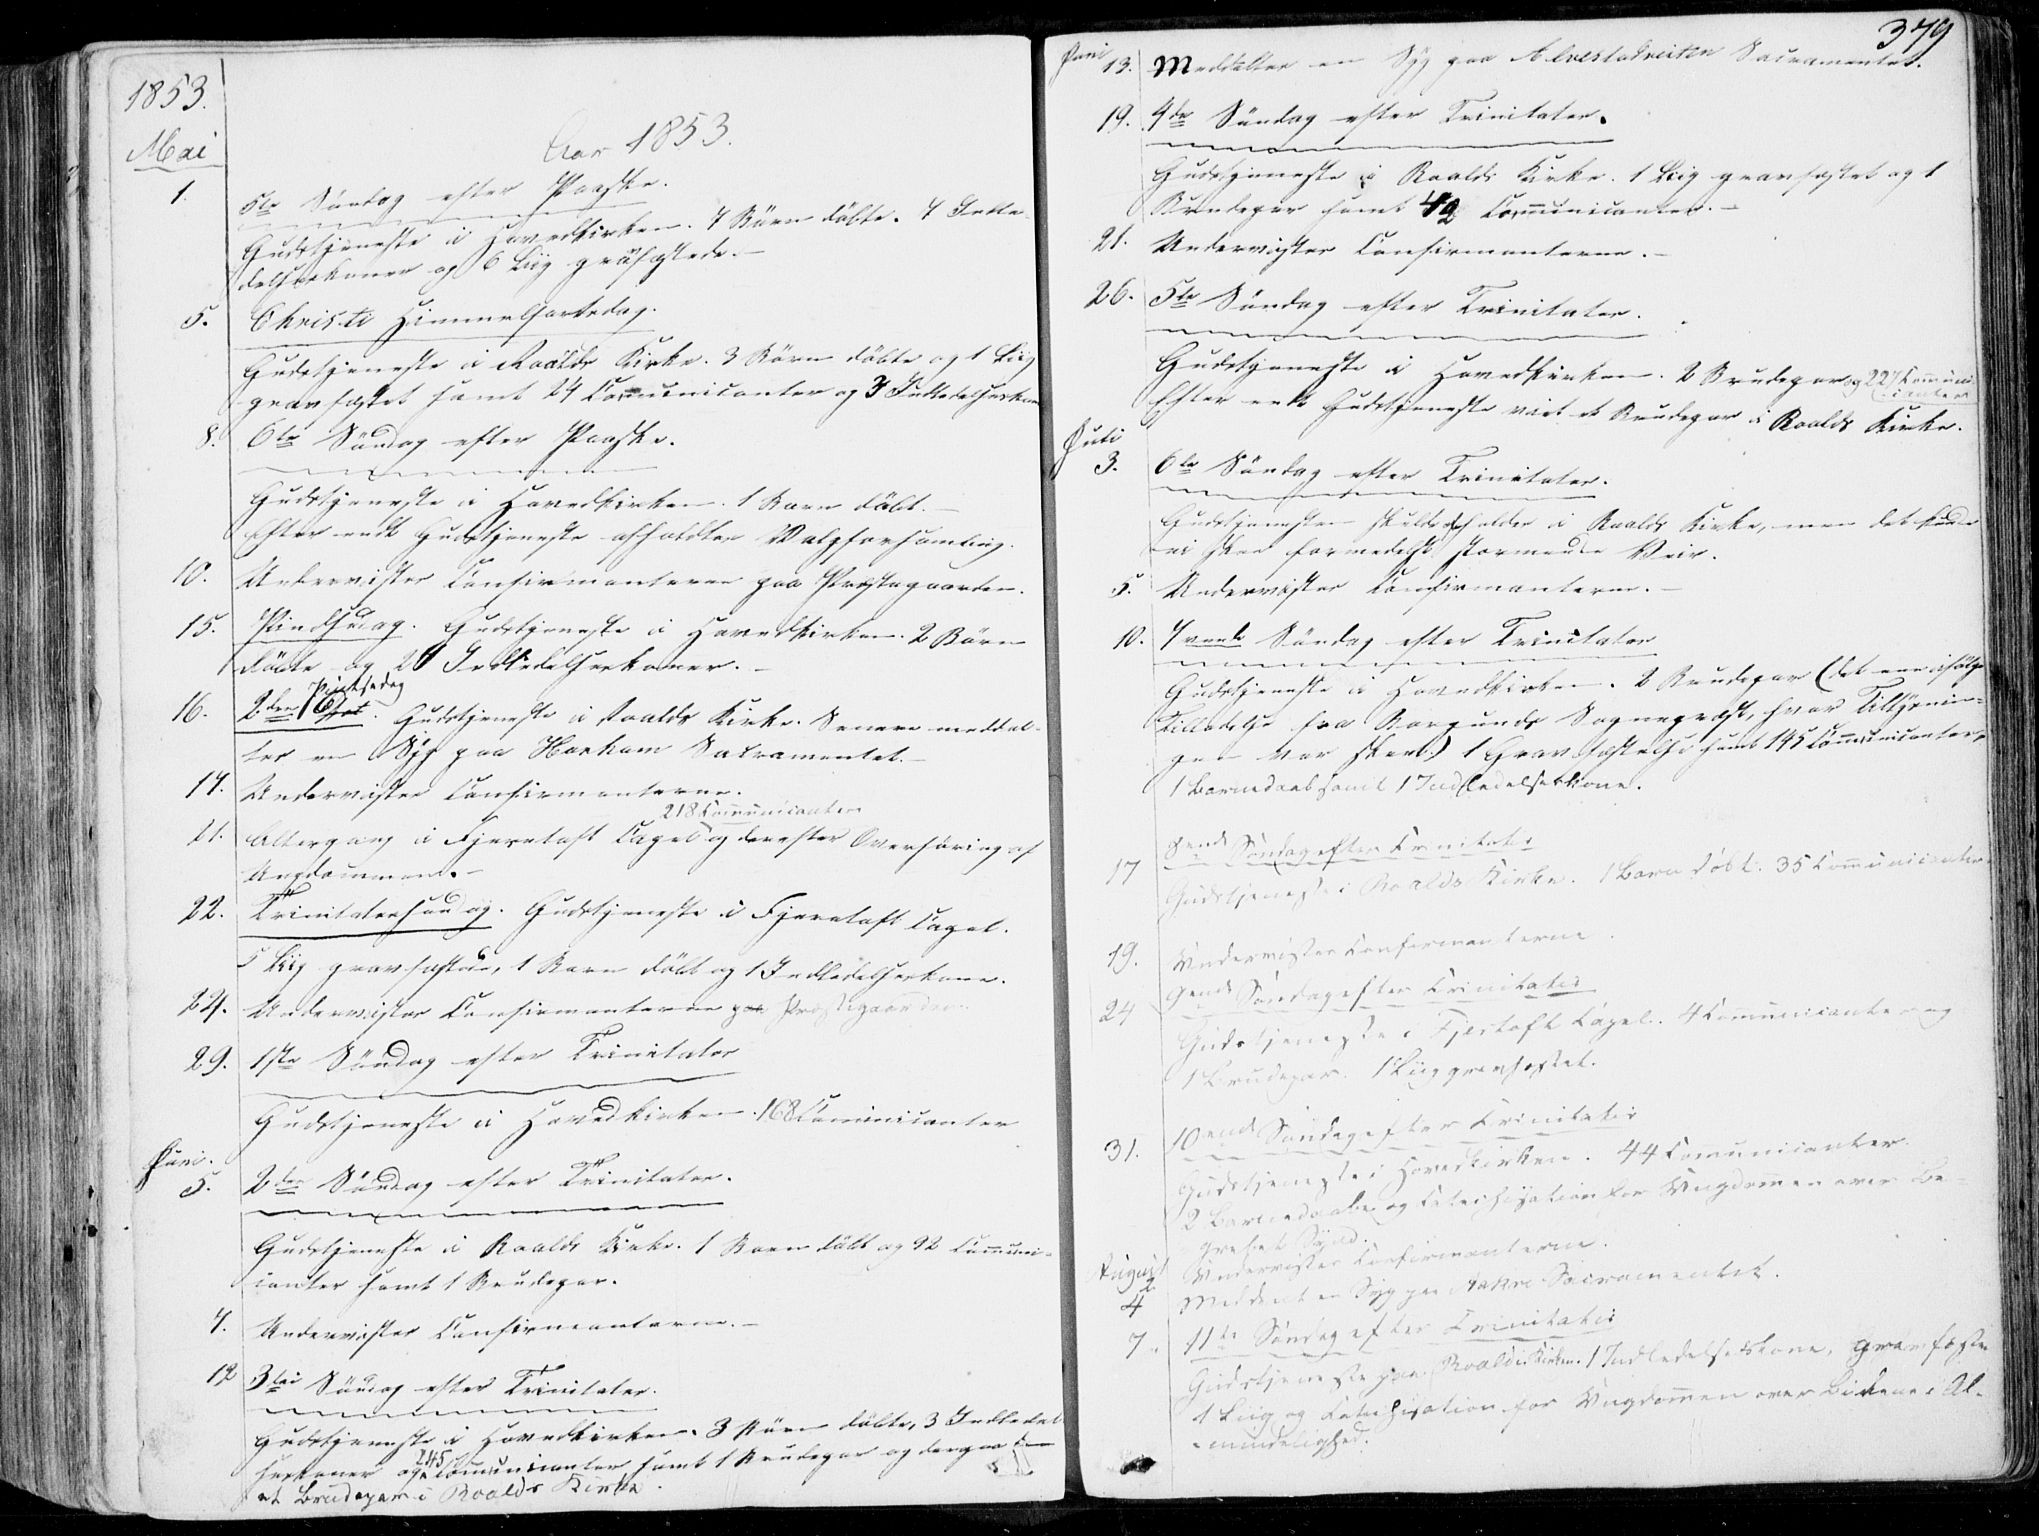 SAT, Ministerialprotokoller, klokkerbøker og fødselsregistre - Møre og Romsdal, 536/L0497: Ministerialbok nr. 536A06, 1845-1865, s. 379